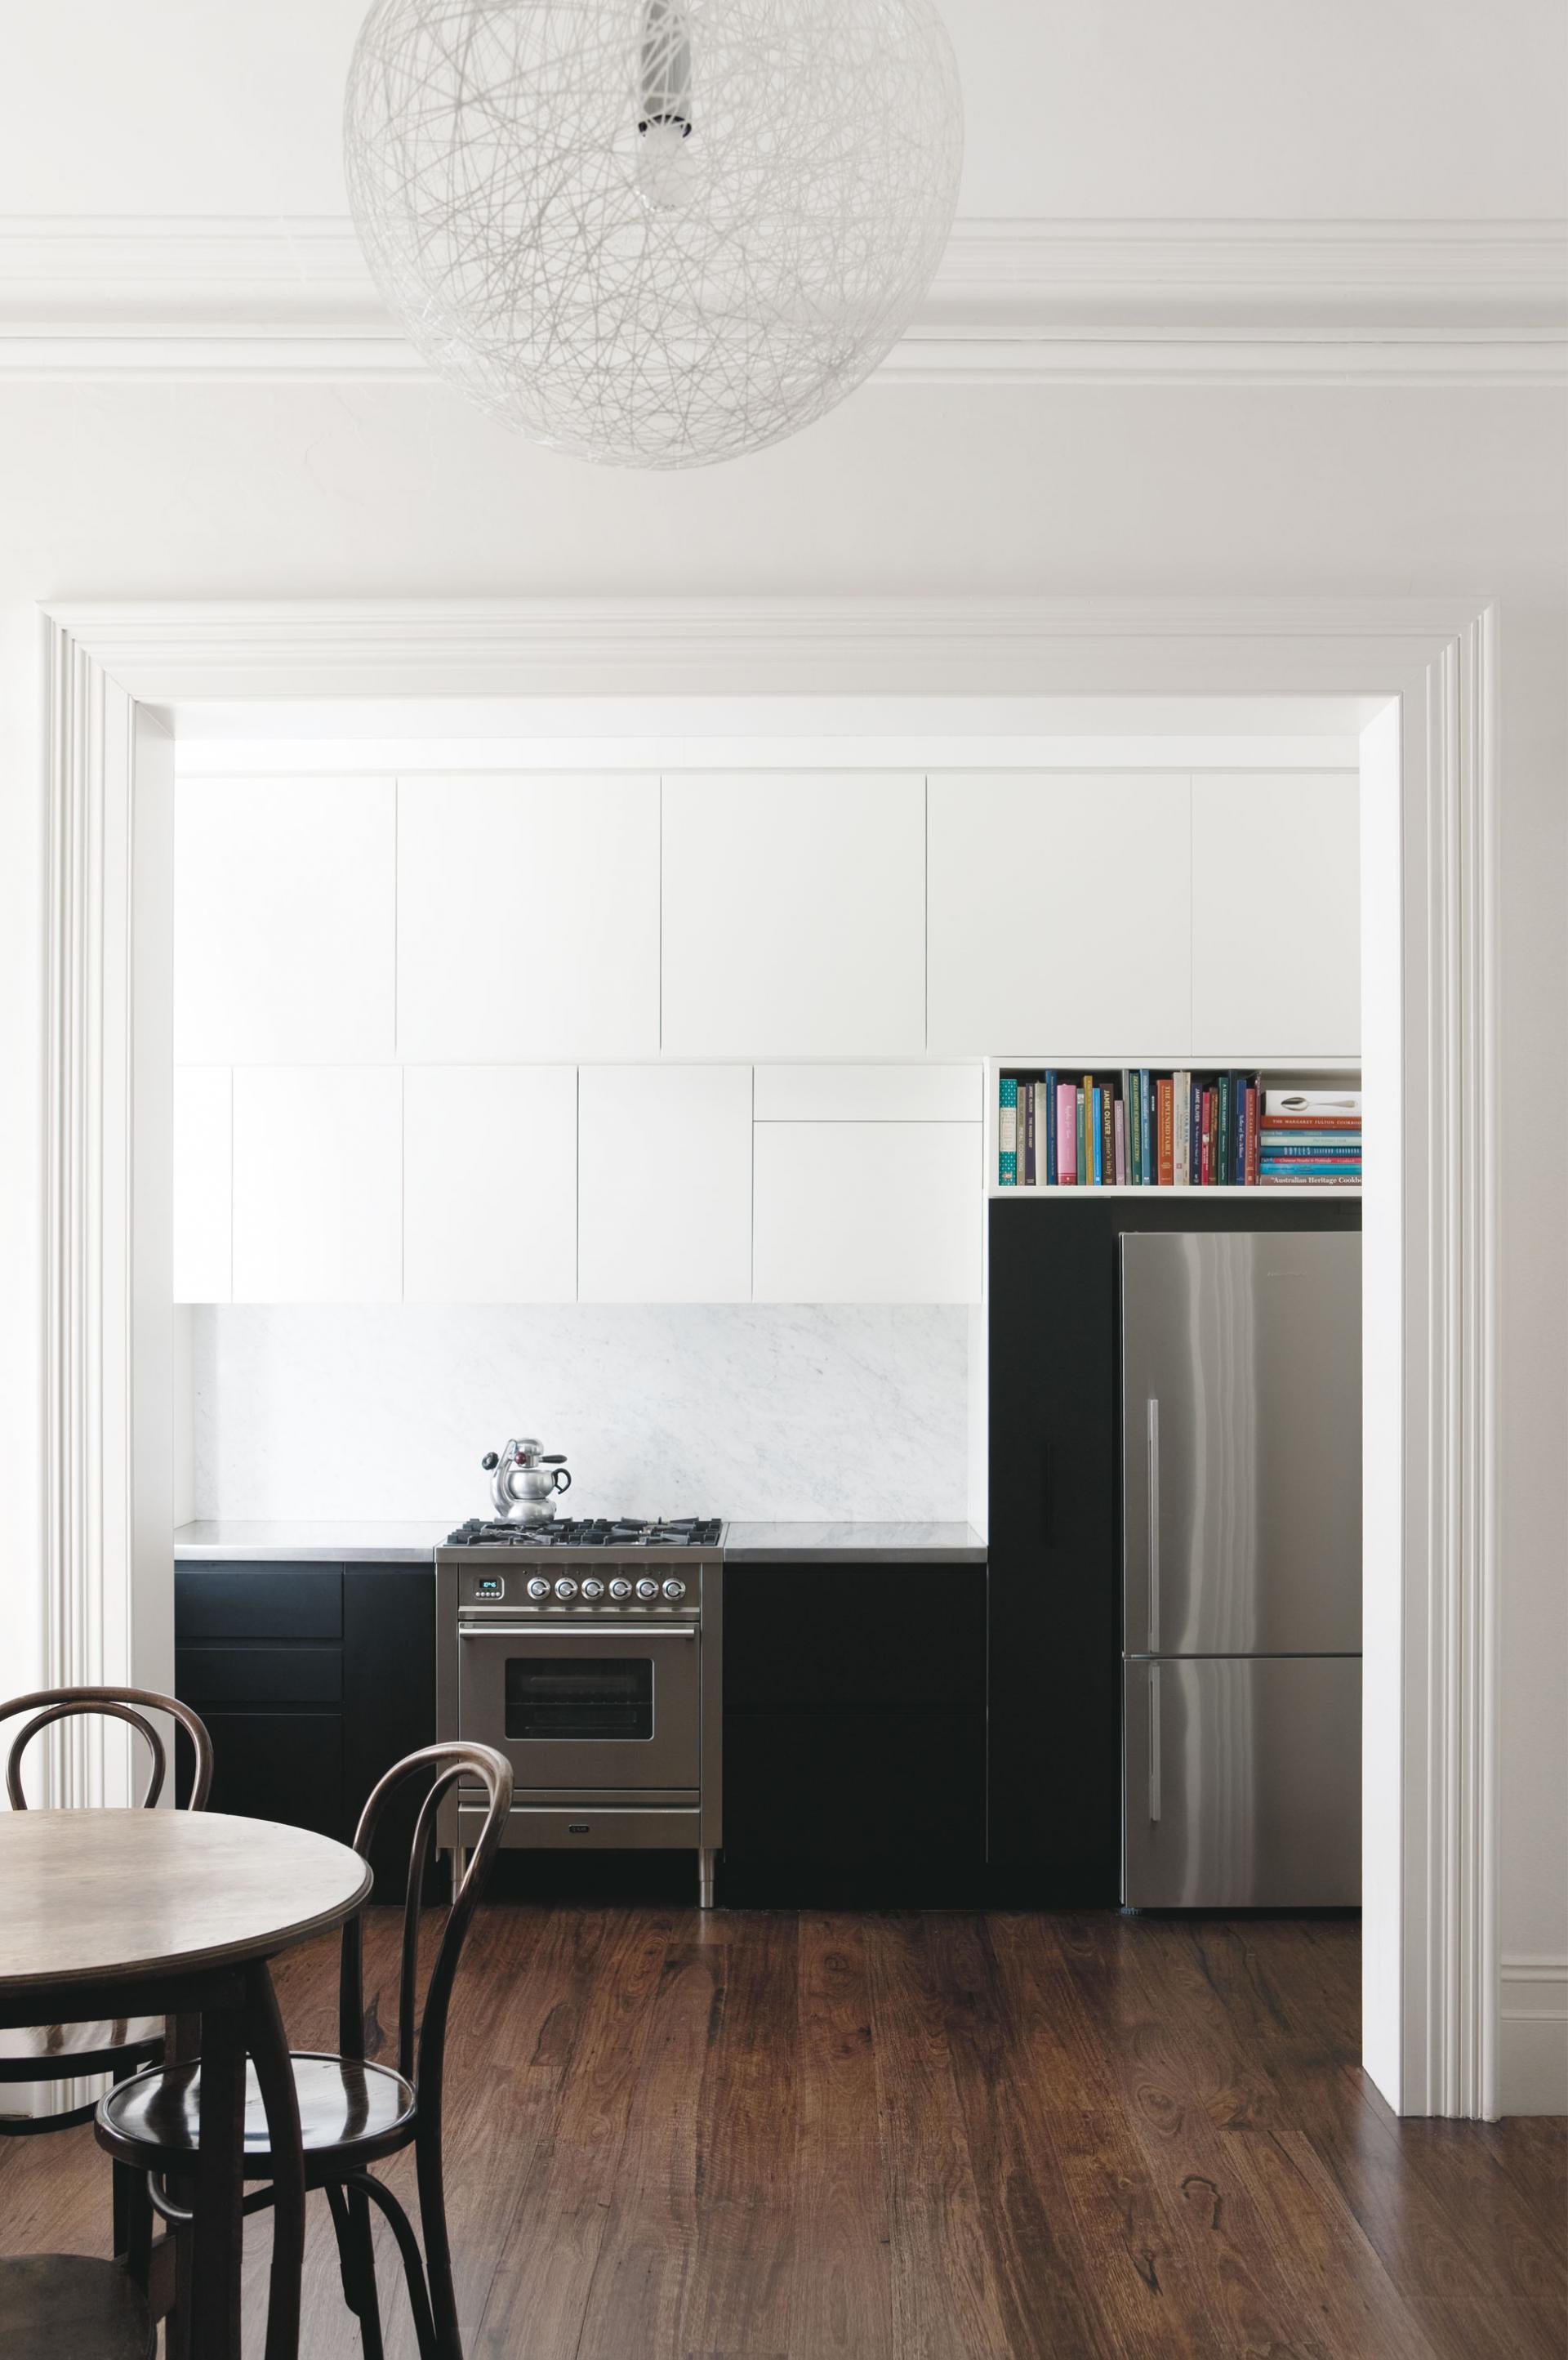 køkken-ovn-køleskab-kaffe-maskine-apr11-20151027172541-Q75-dx1920y-u1r1g0-c